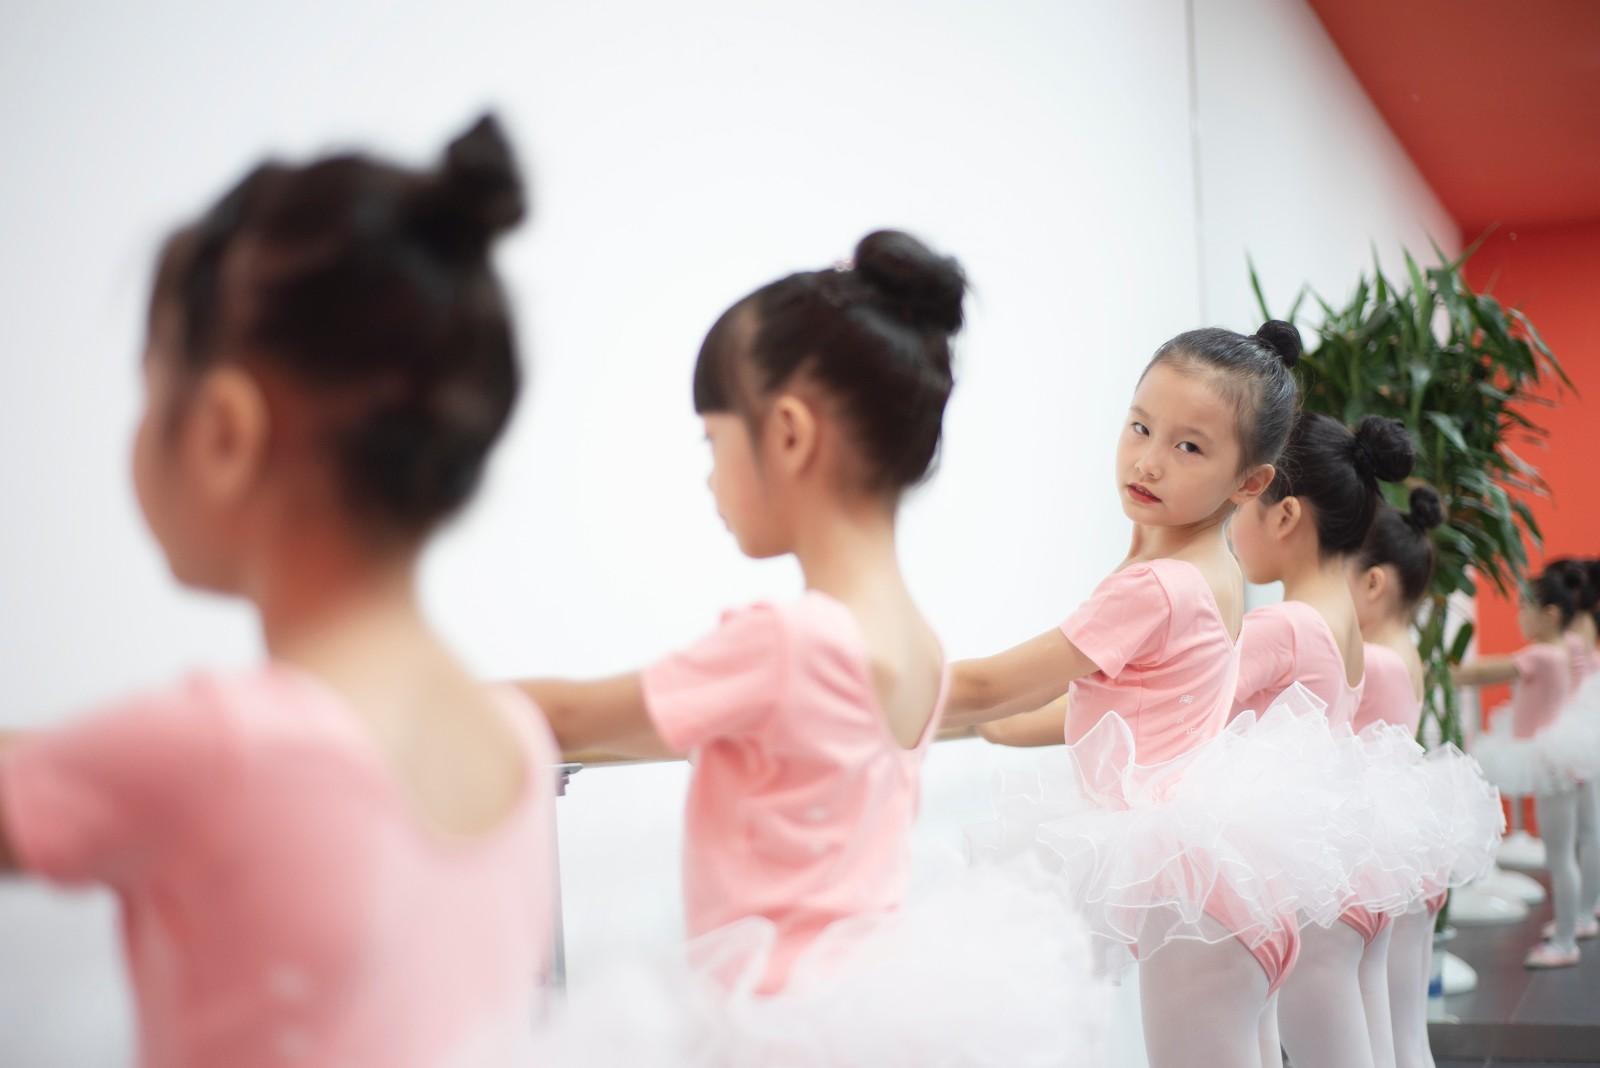 为什么喜欢的跳舞的宝贝,都美美哒!